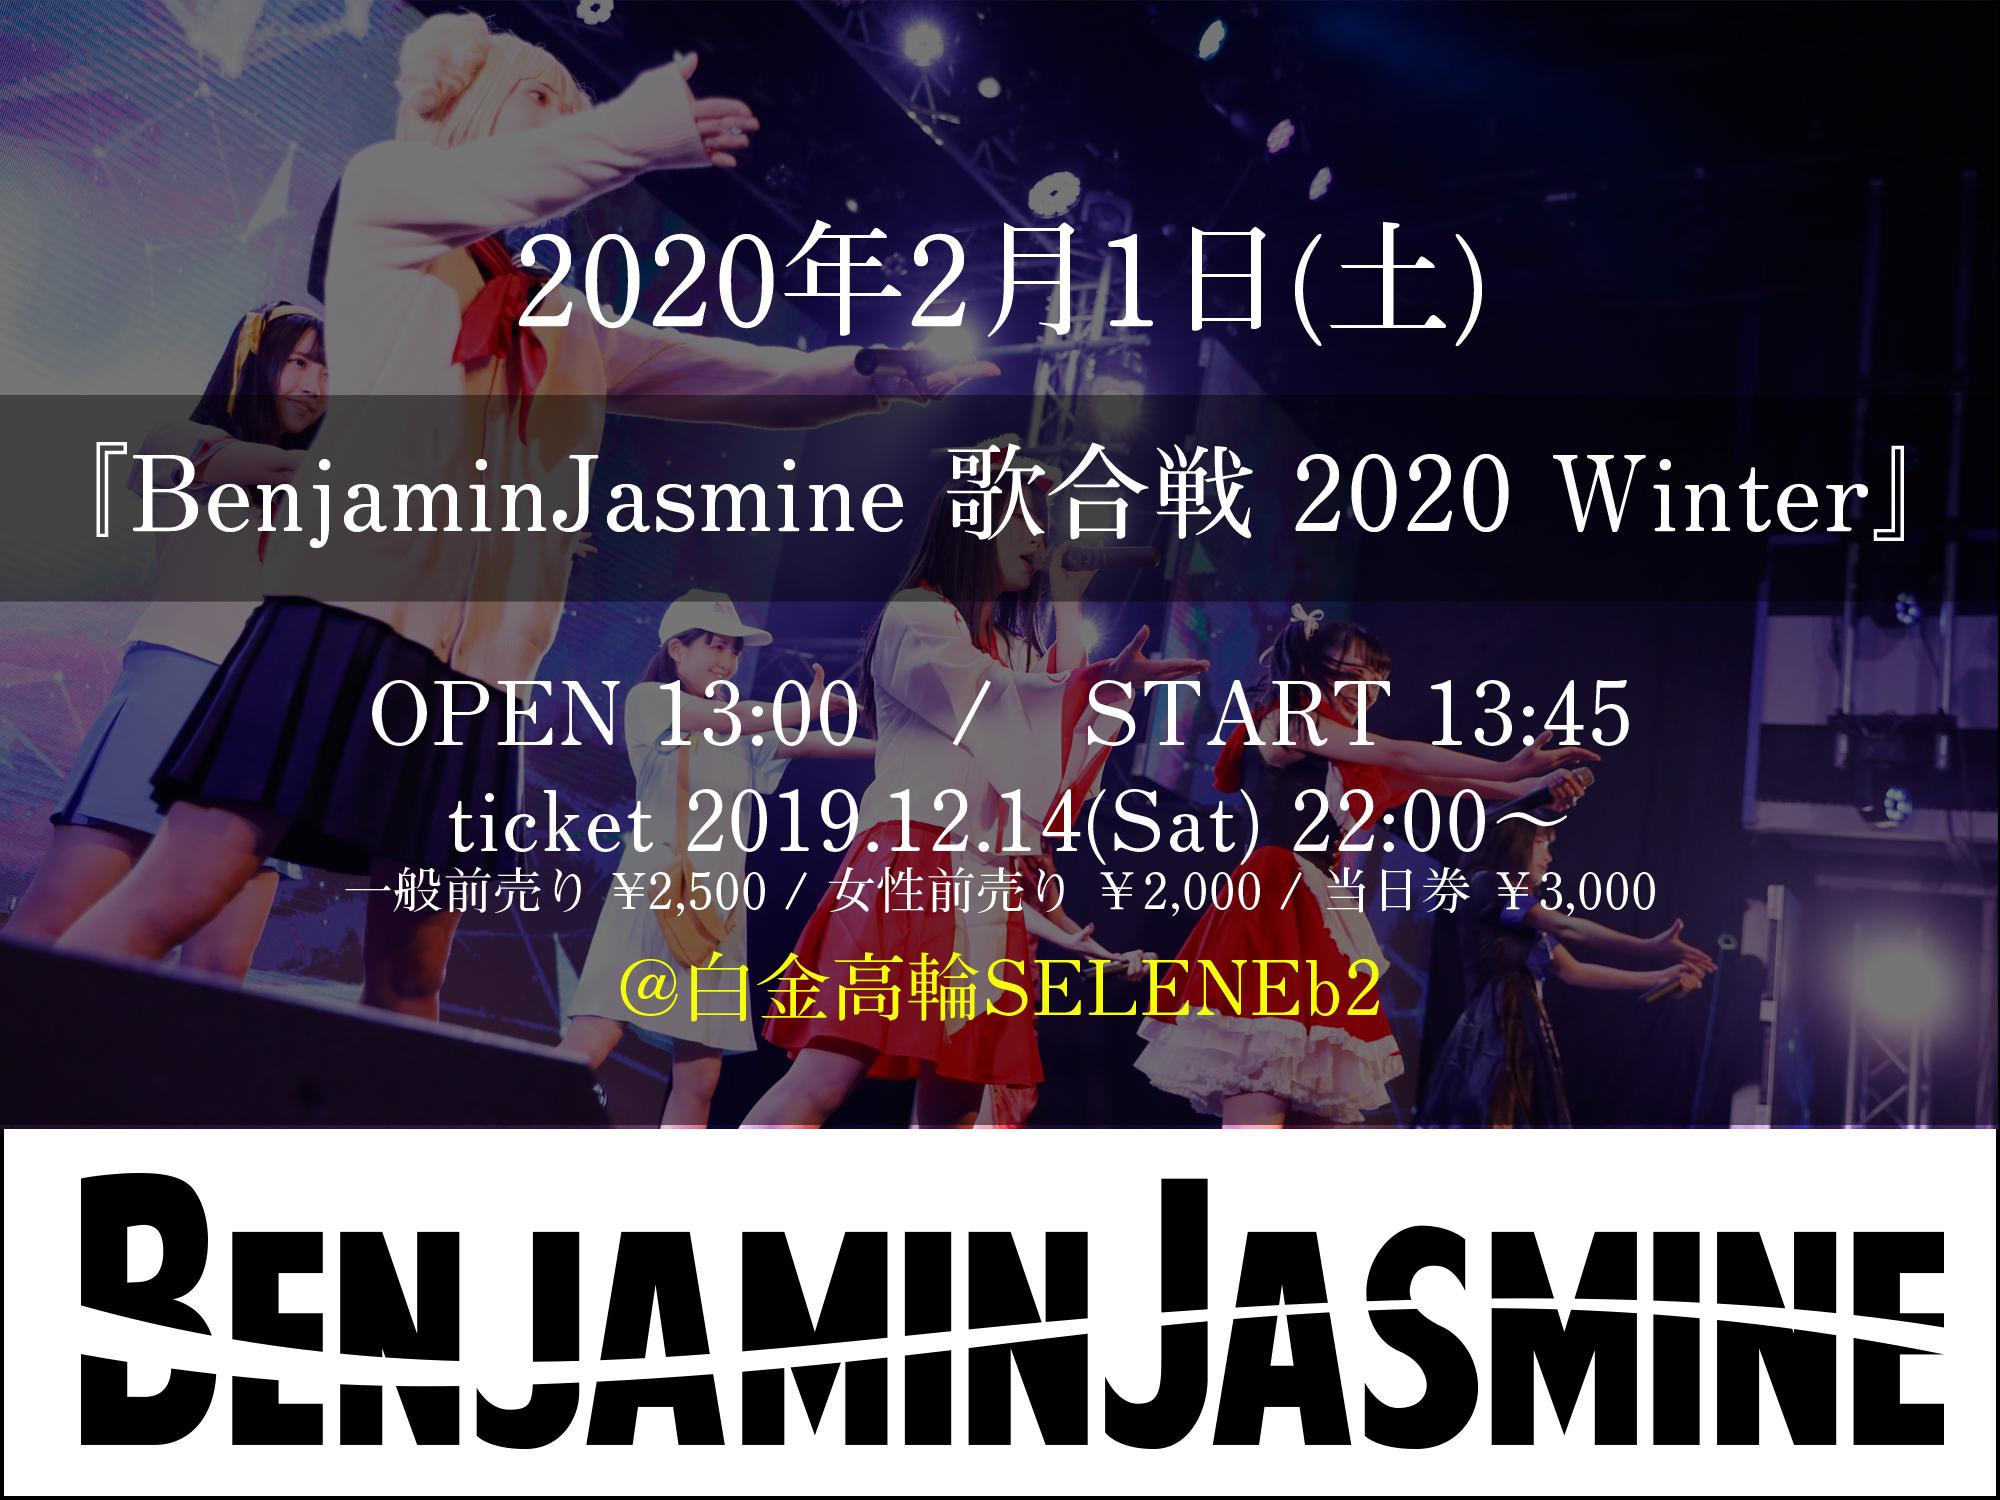 2月1日(土)『BenjaminJasmine 歌合戦 2020 Winter』開催決定